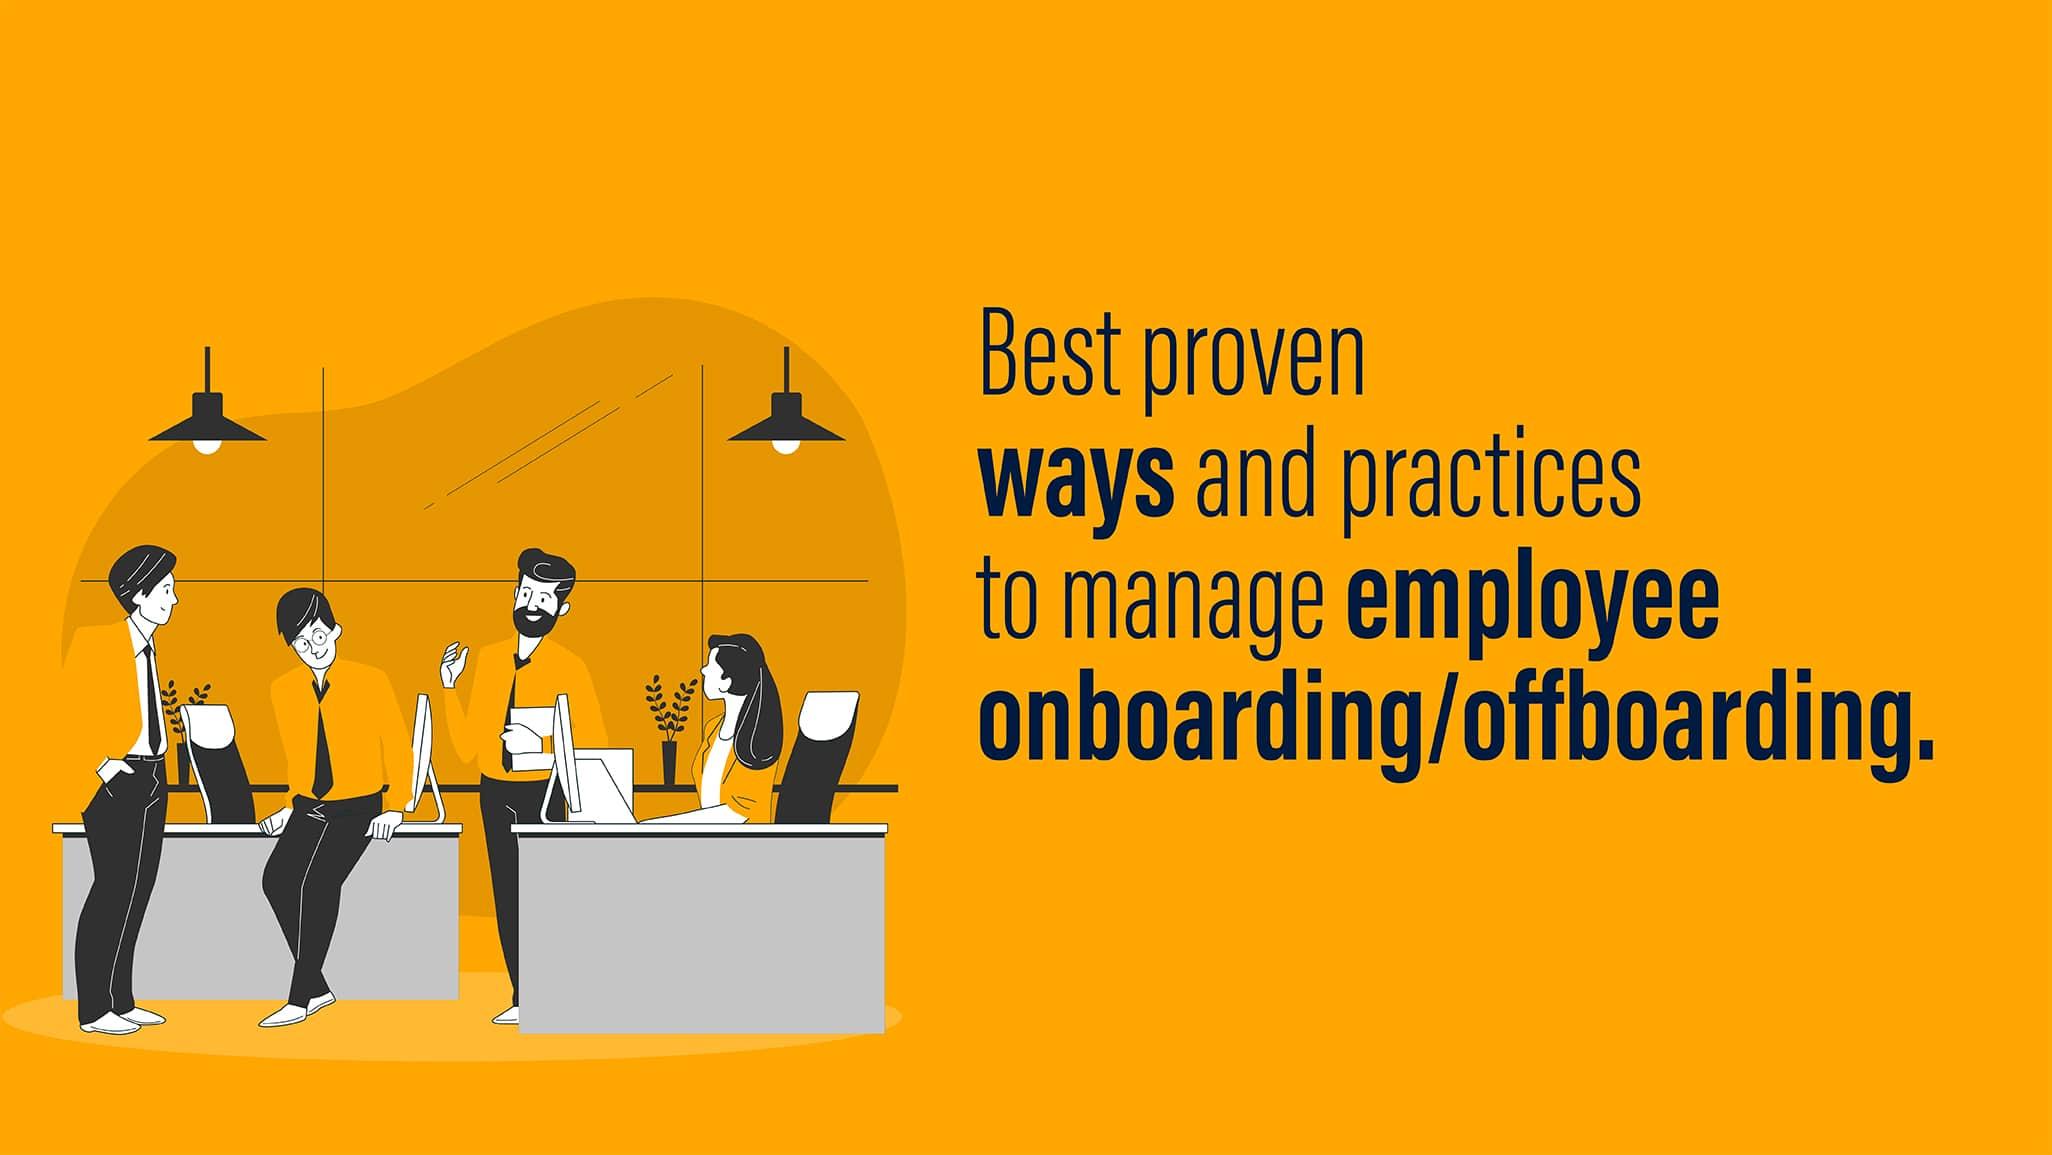 employee onboarding and offboarding